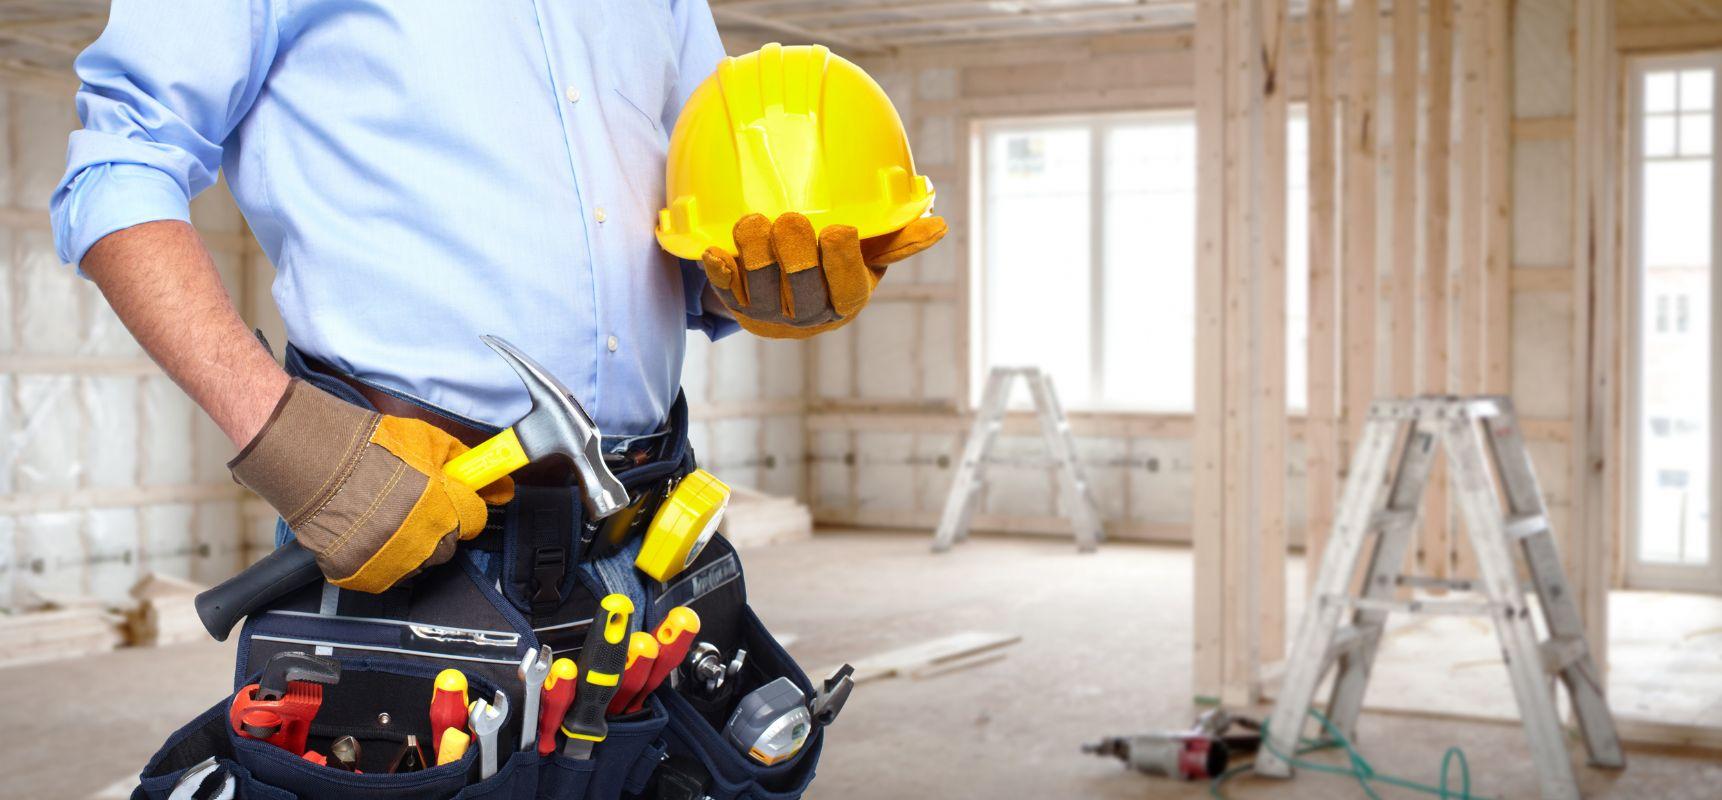 Trebam ponudu za ličilačke, zidarske, građevinske, vodoinstalacijske i podopolagačke radove